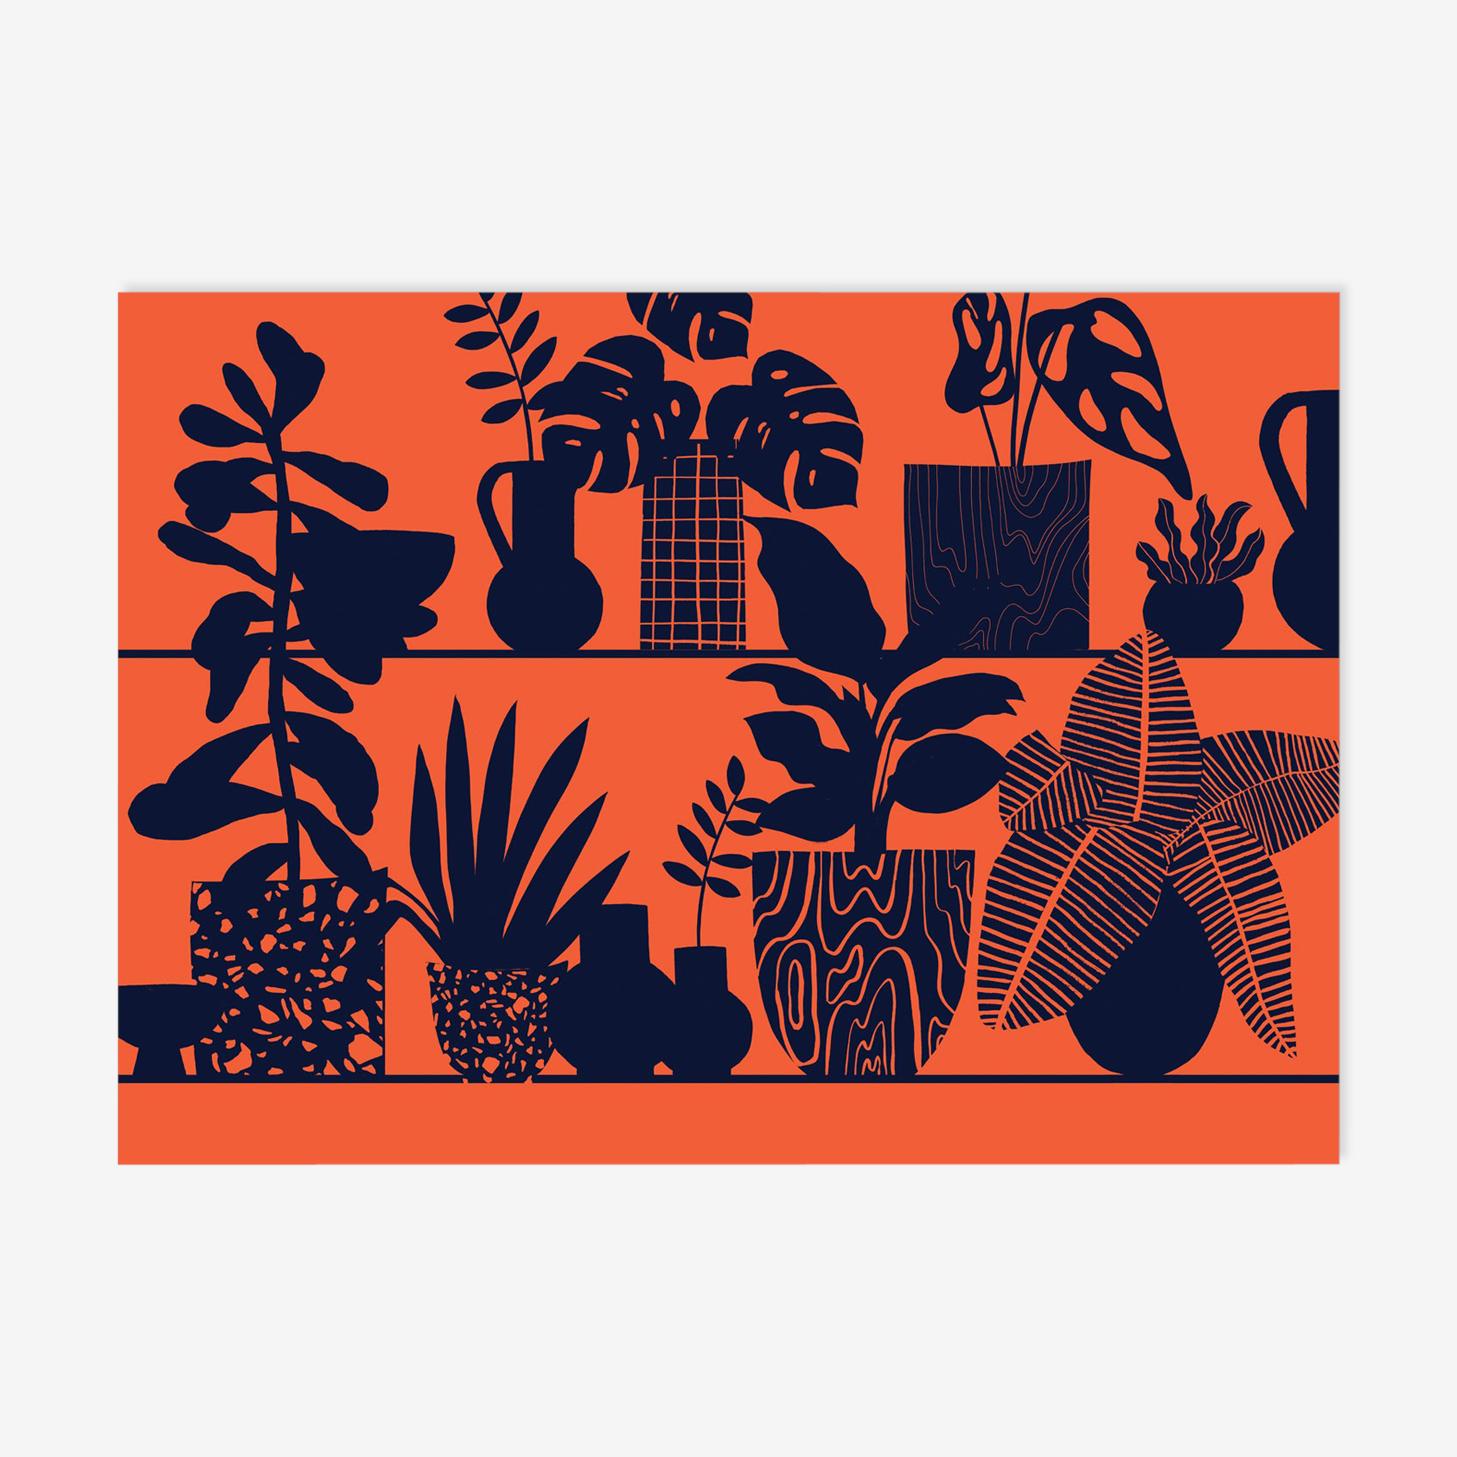 Orange tablette - écran à tirage limité